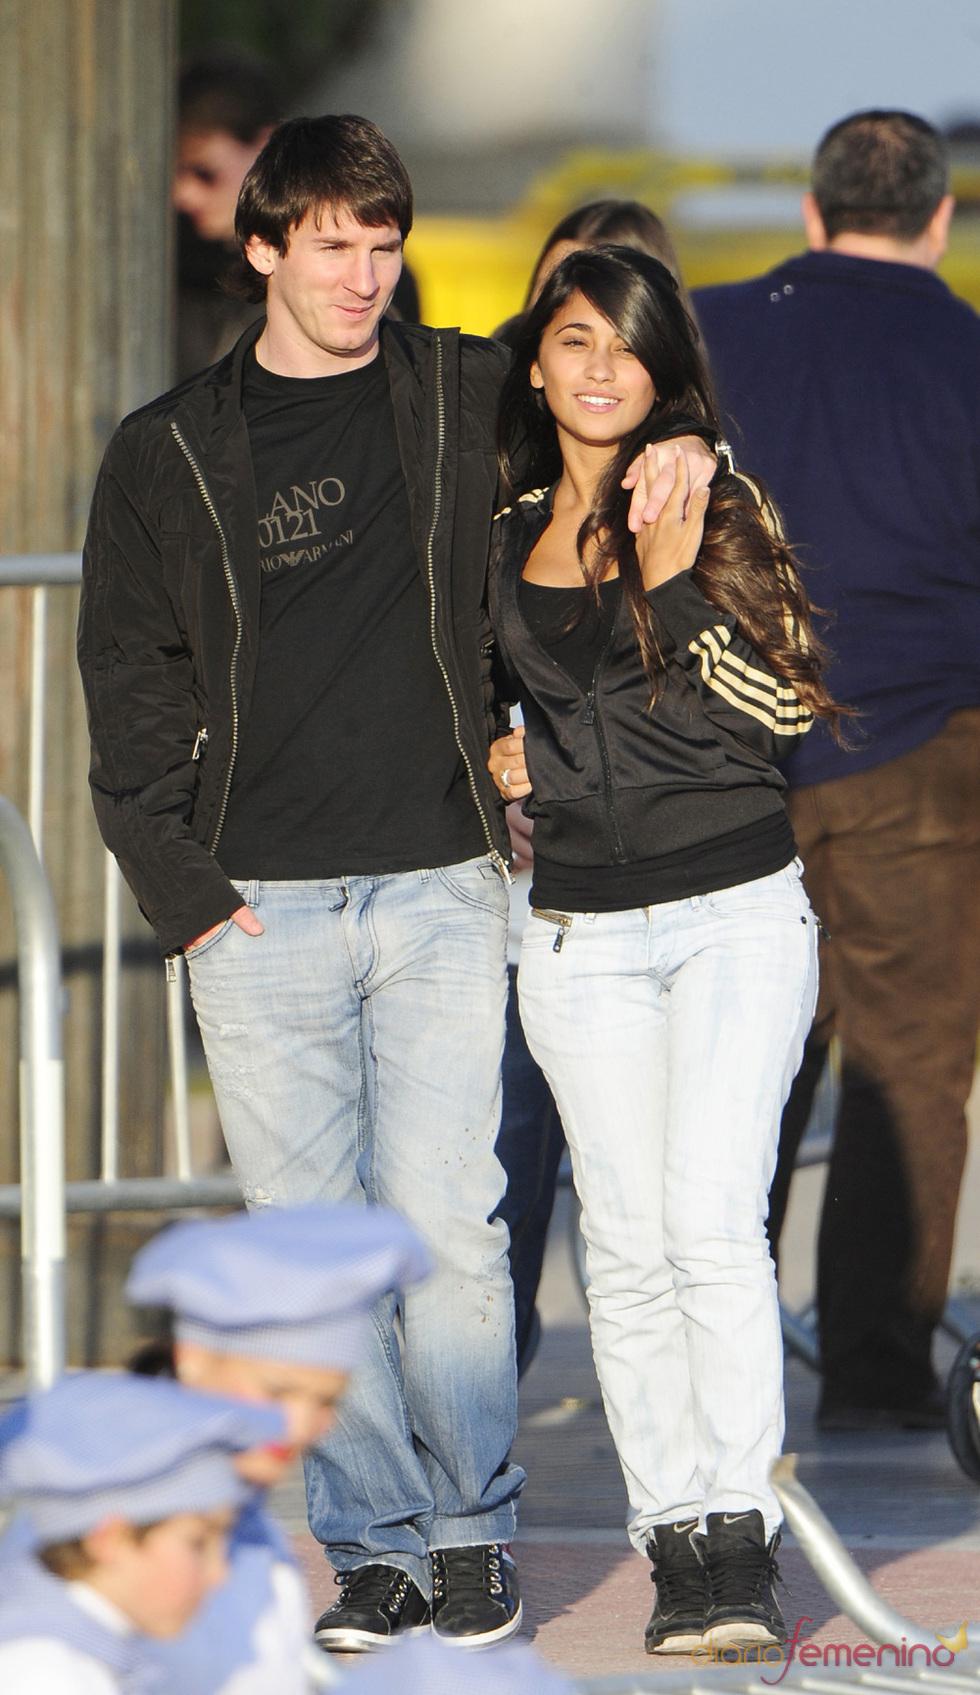 Leo Messi y su novia Antonella enamorados en Barcelona